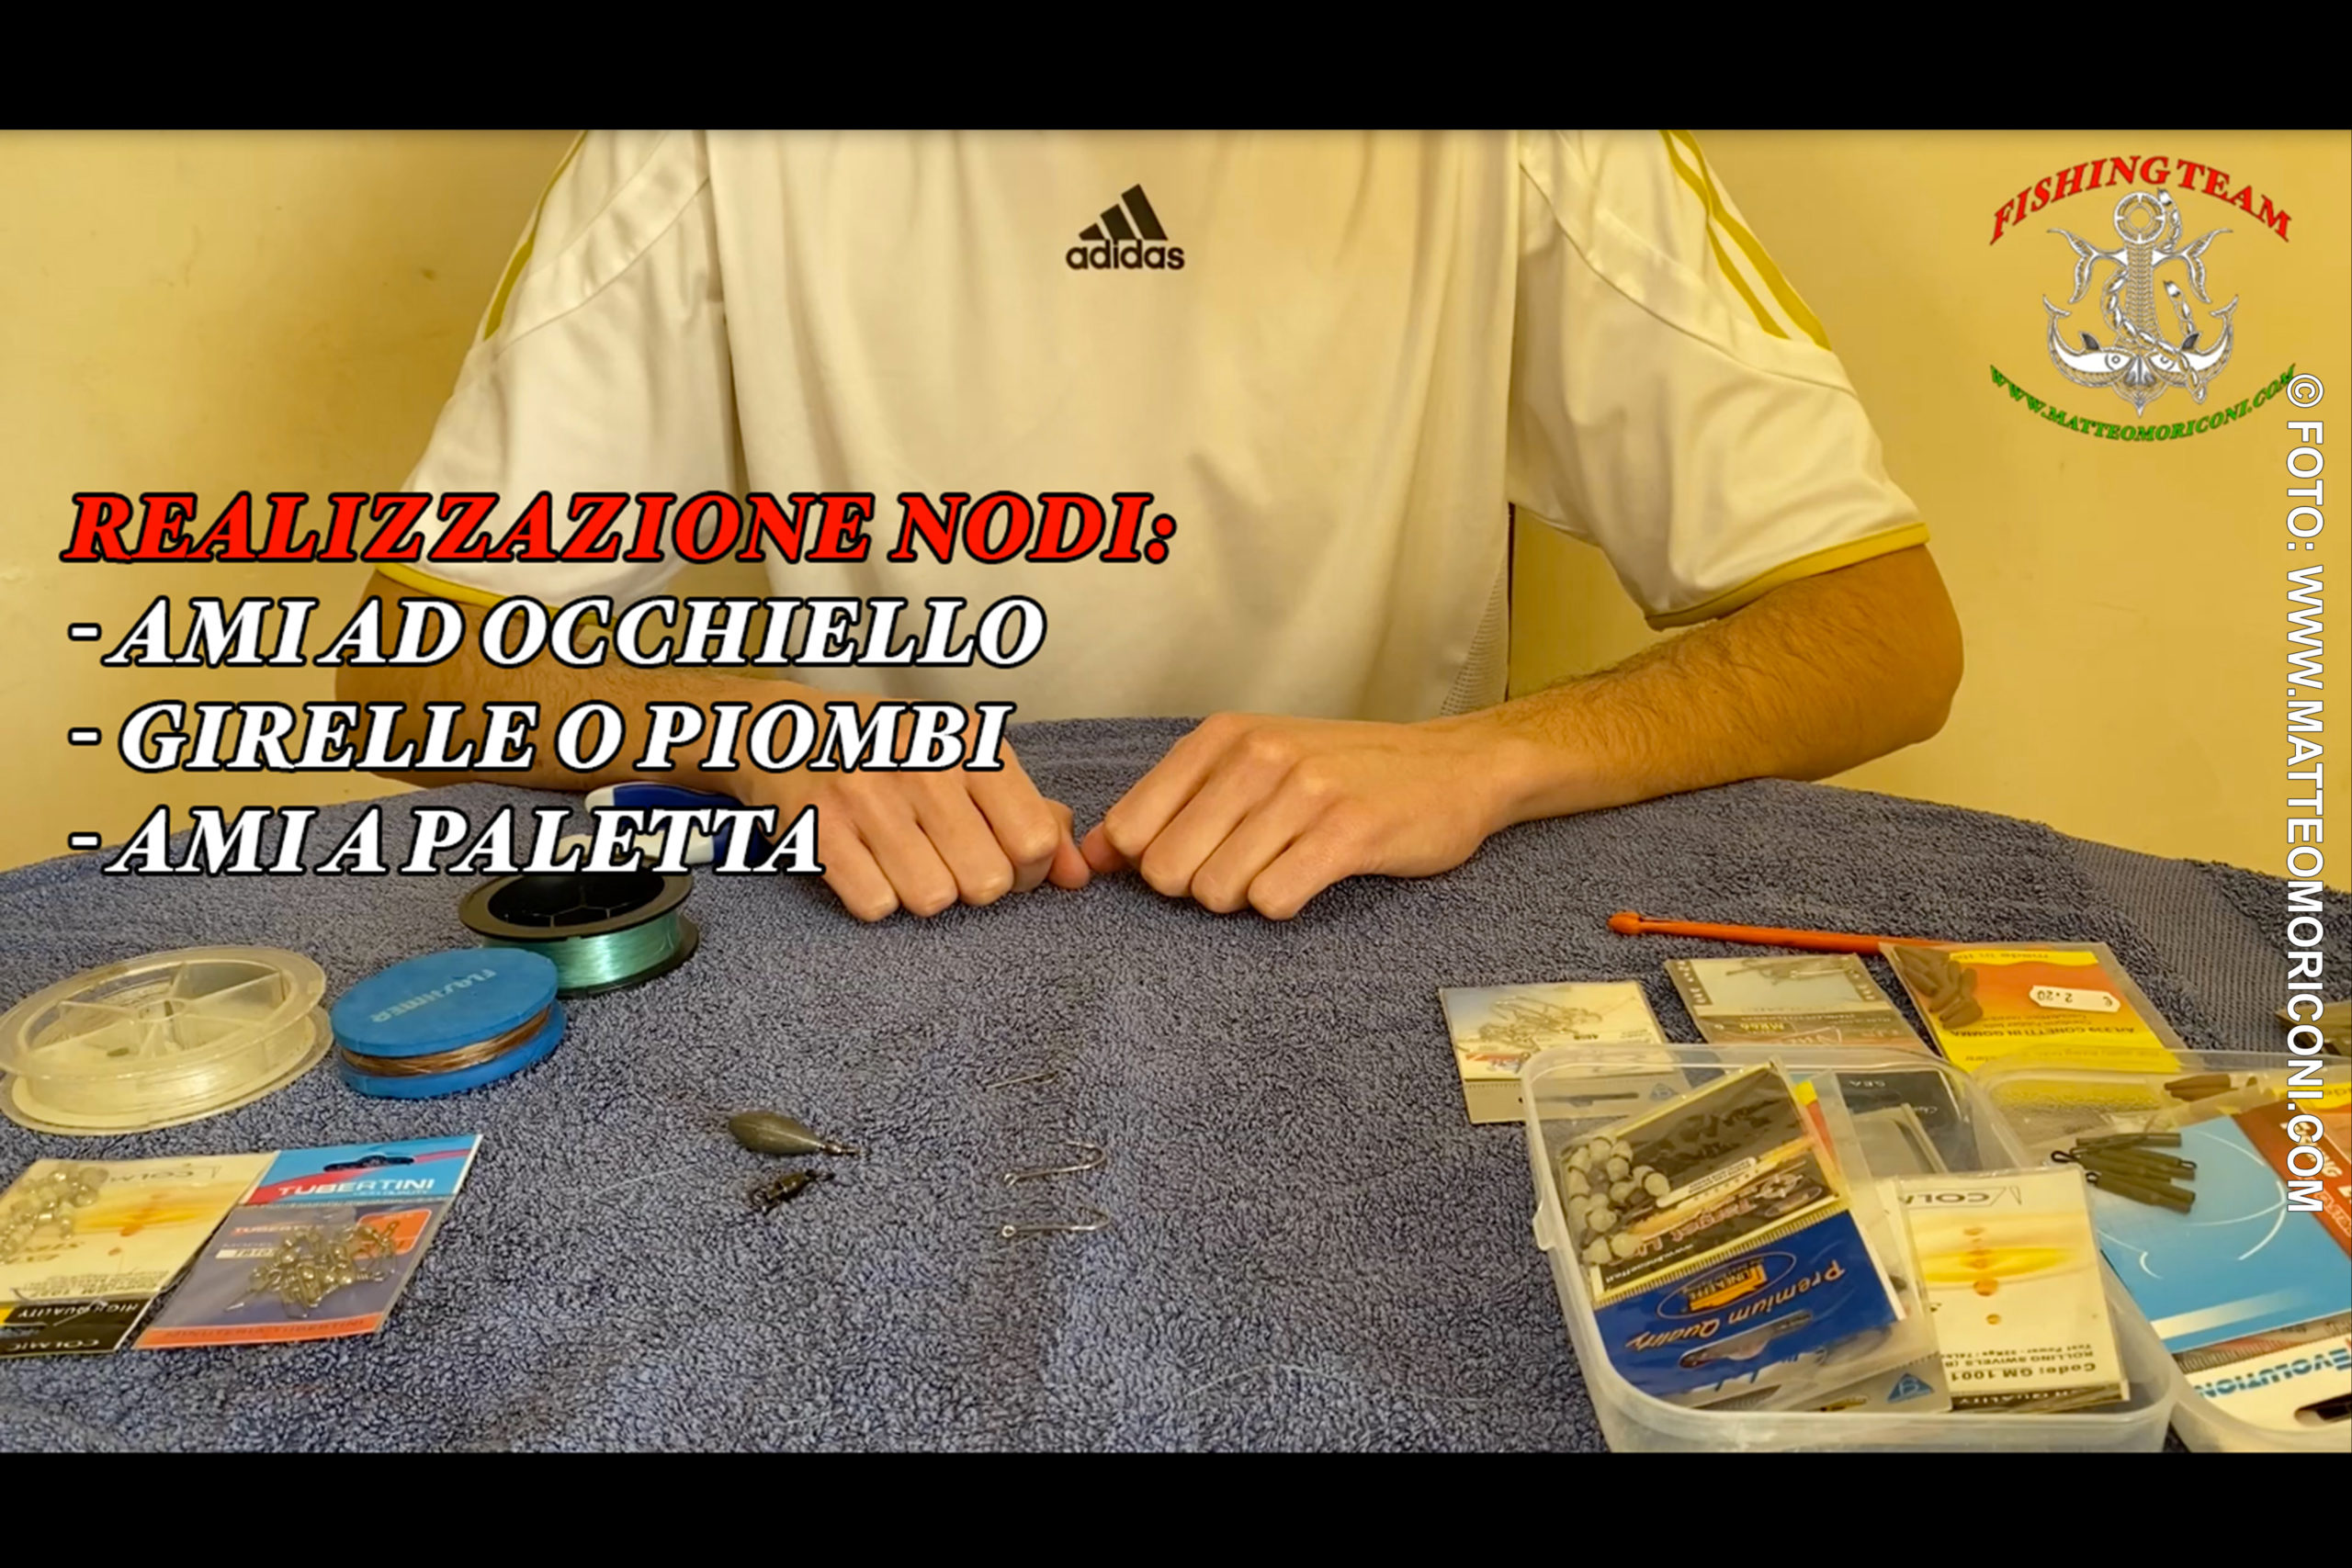 Realizzazione Nodi: Ami ad Occhiello, Girelle o Piombi, Ami a Paletta - Matteo Moriconi